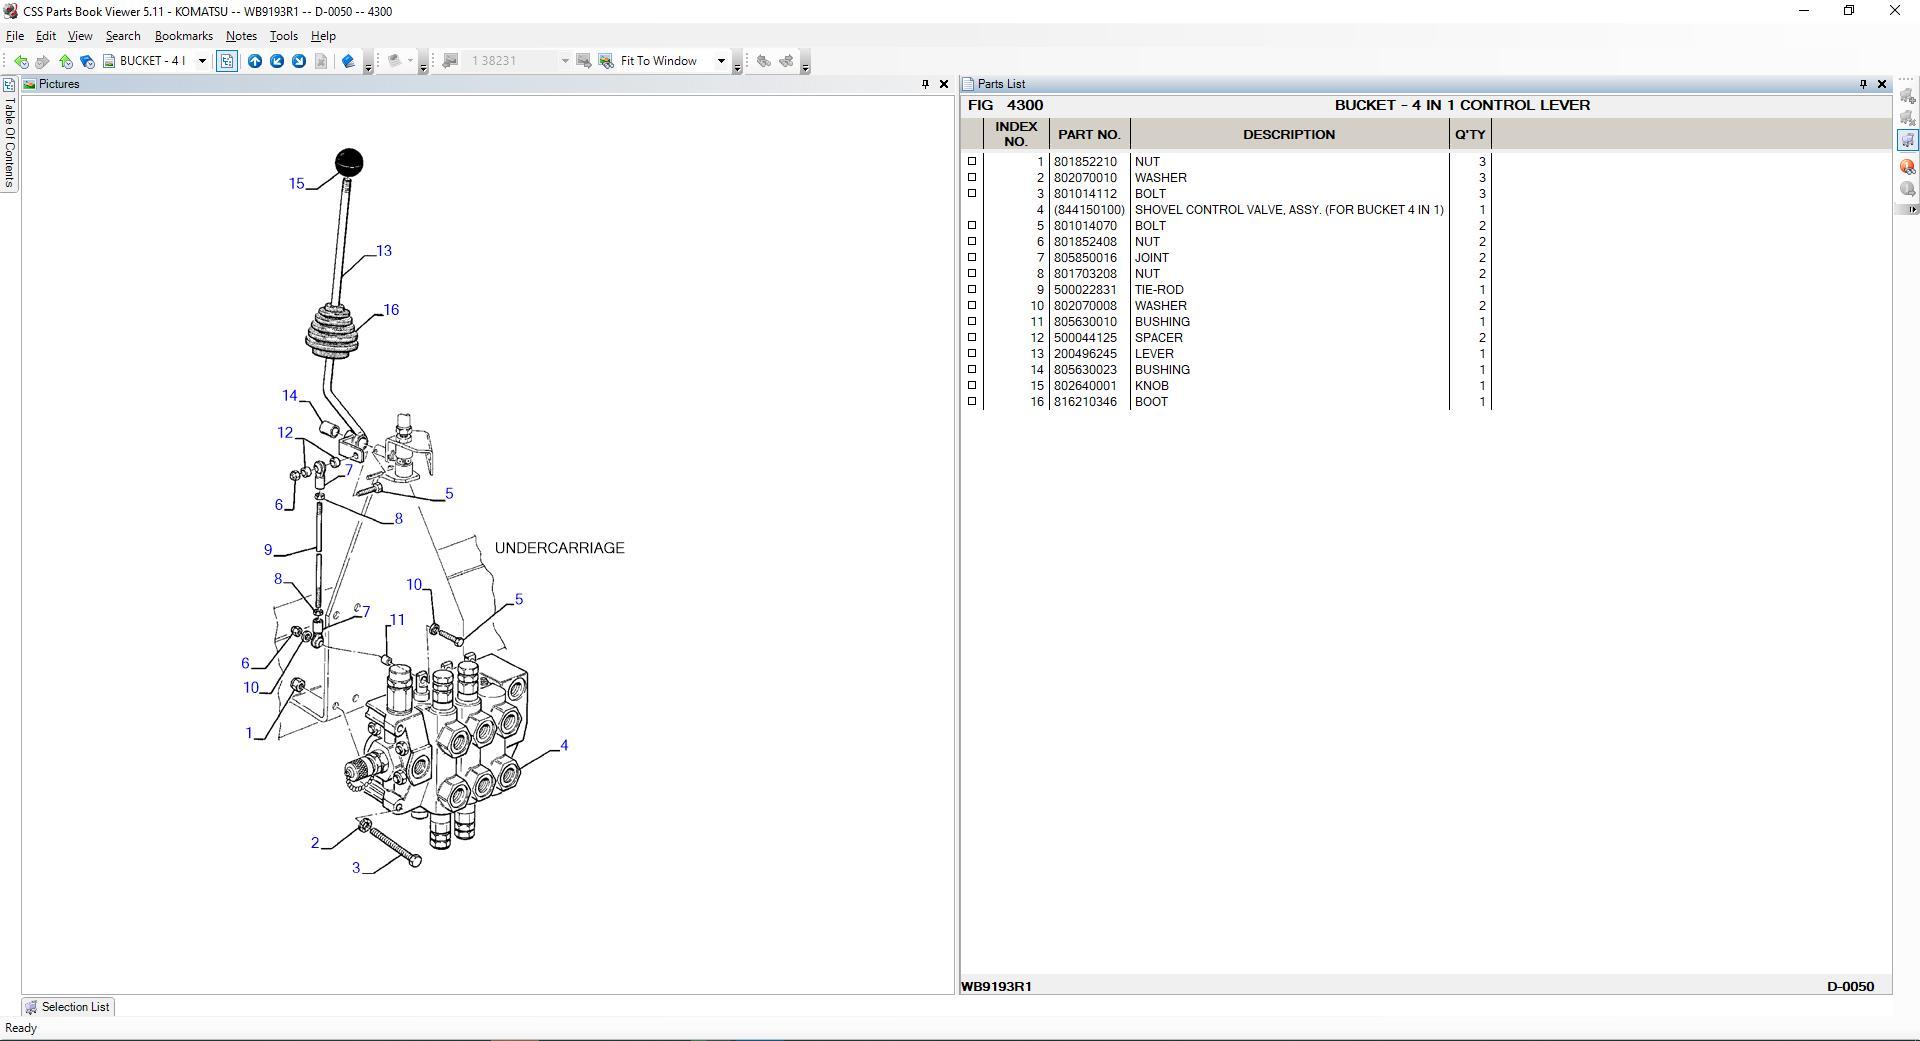 Komatsu_EPC_Linkone_CSS_Parts_Vewer_511_102019EU9